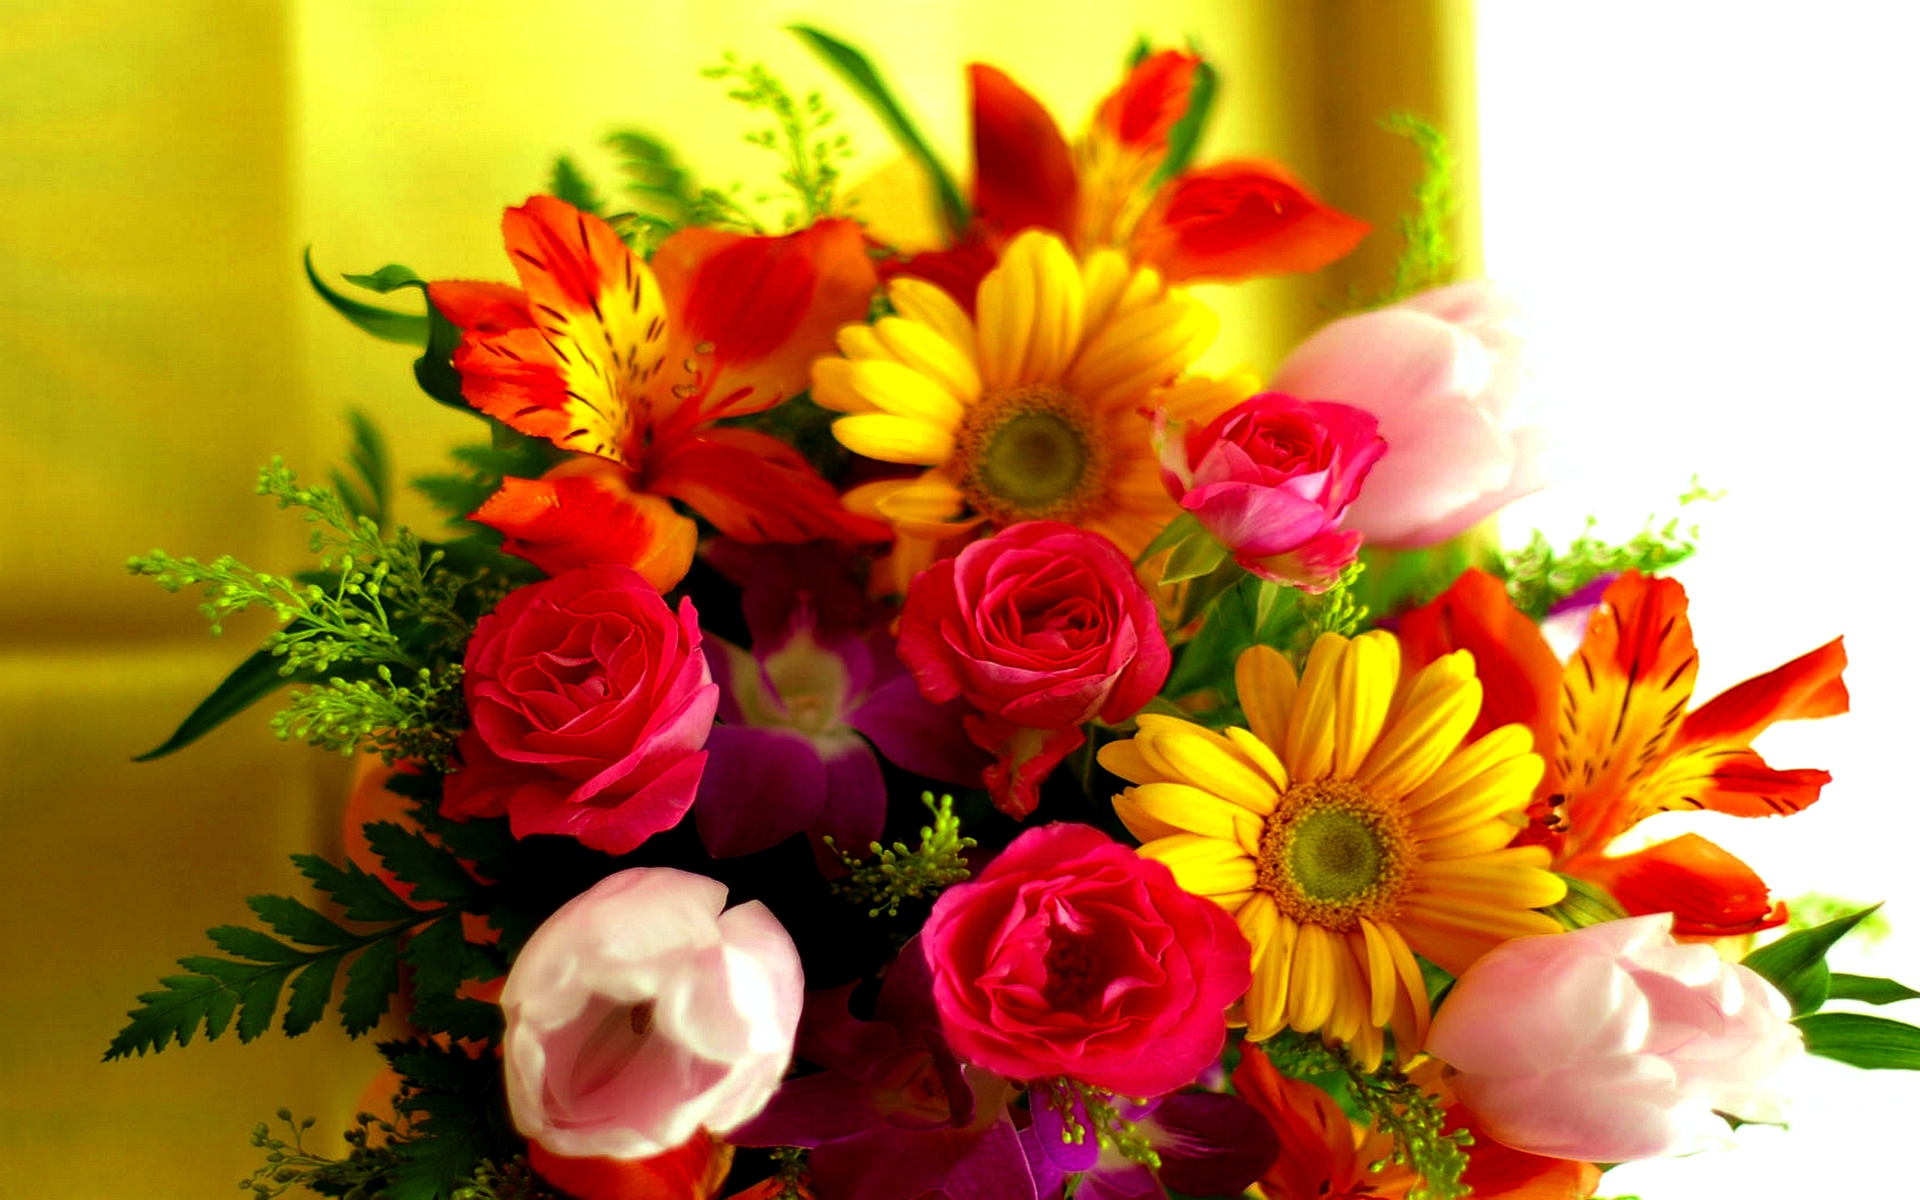 Flower Bouquet Hd